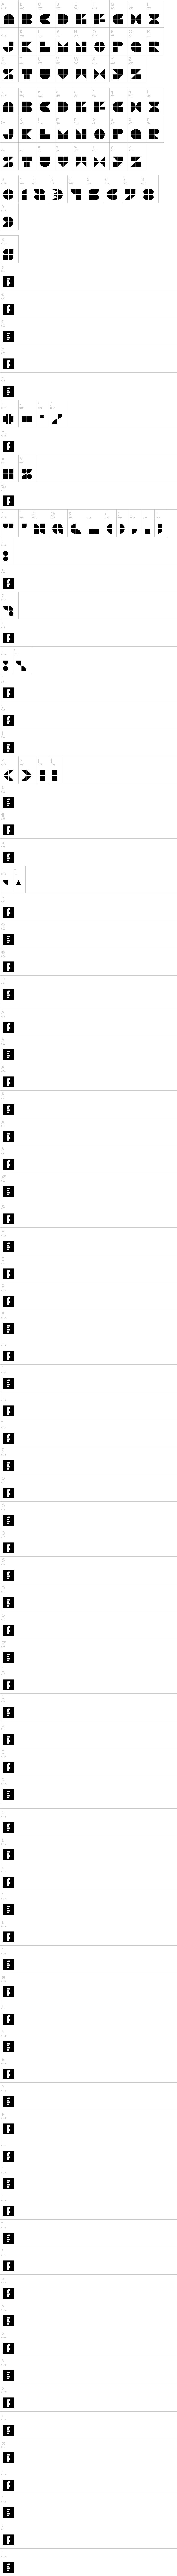 Pico Pop Font | dafont com